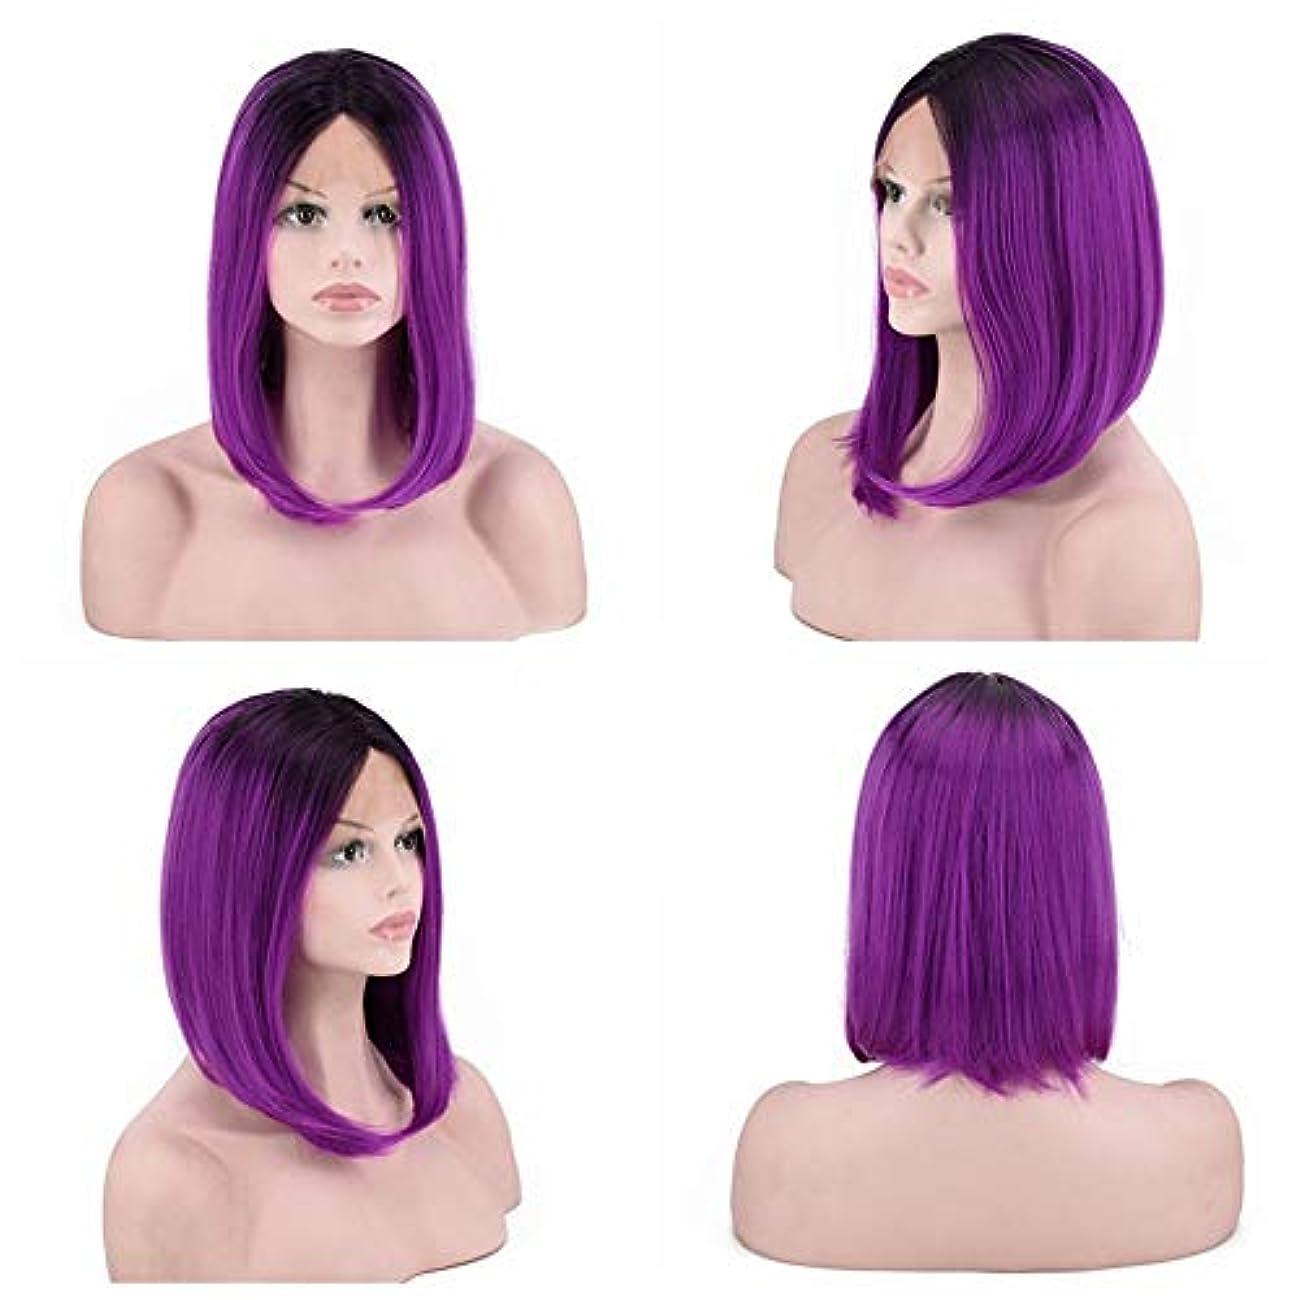 請求書群衆レッドデートYOUQIU 女性のかつらのために新鮮でファッショナブルなグラデーションショートストレート髪ボブウィッグレースフロントウィッグ (色 : 832#)